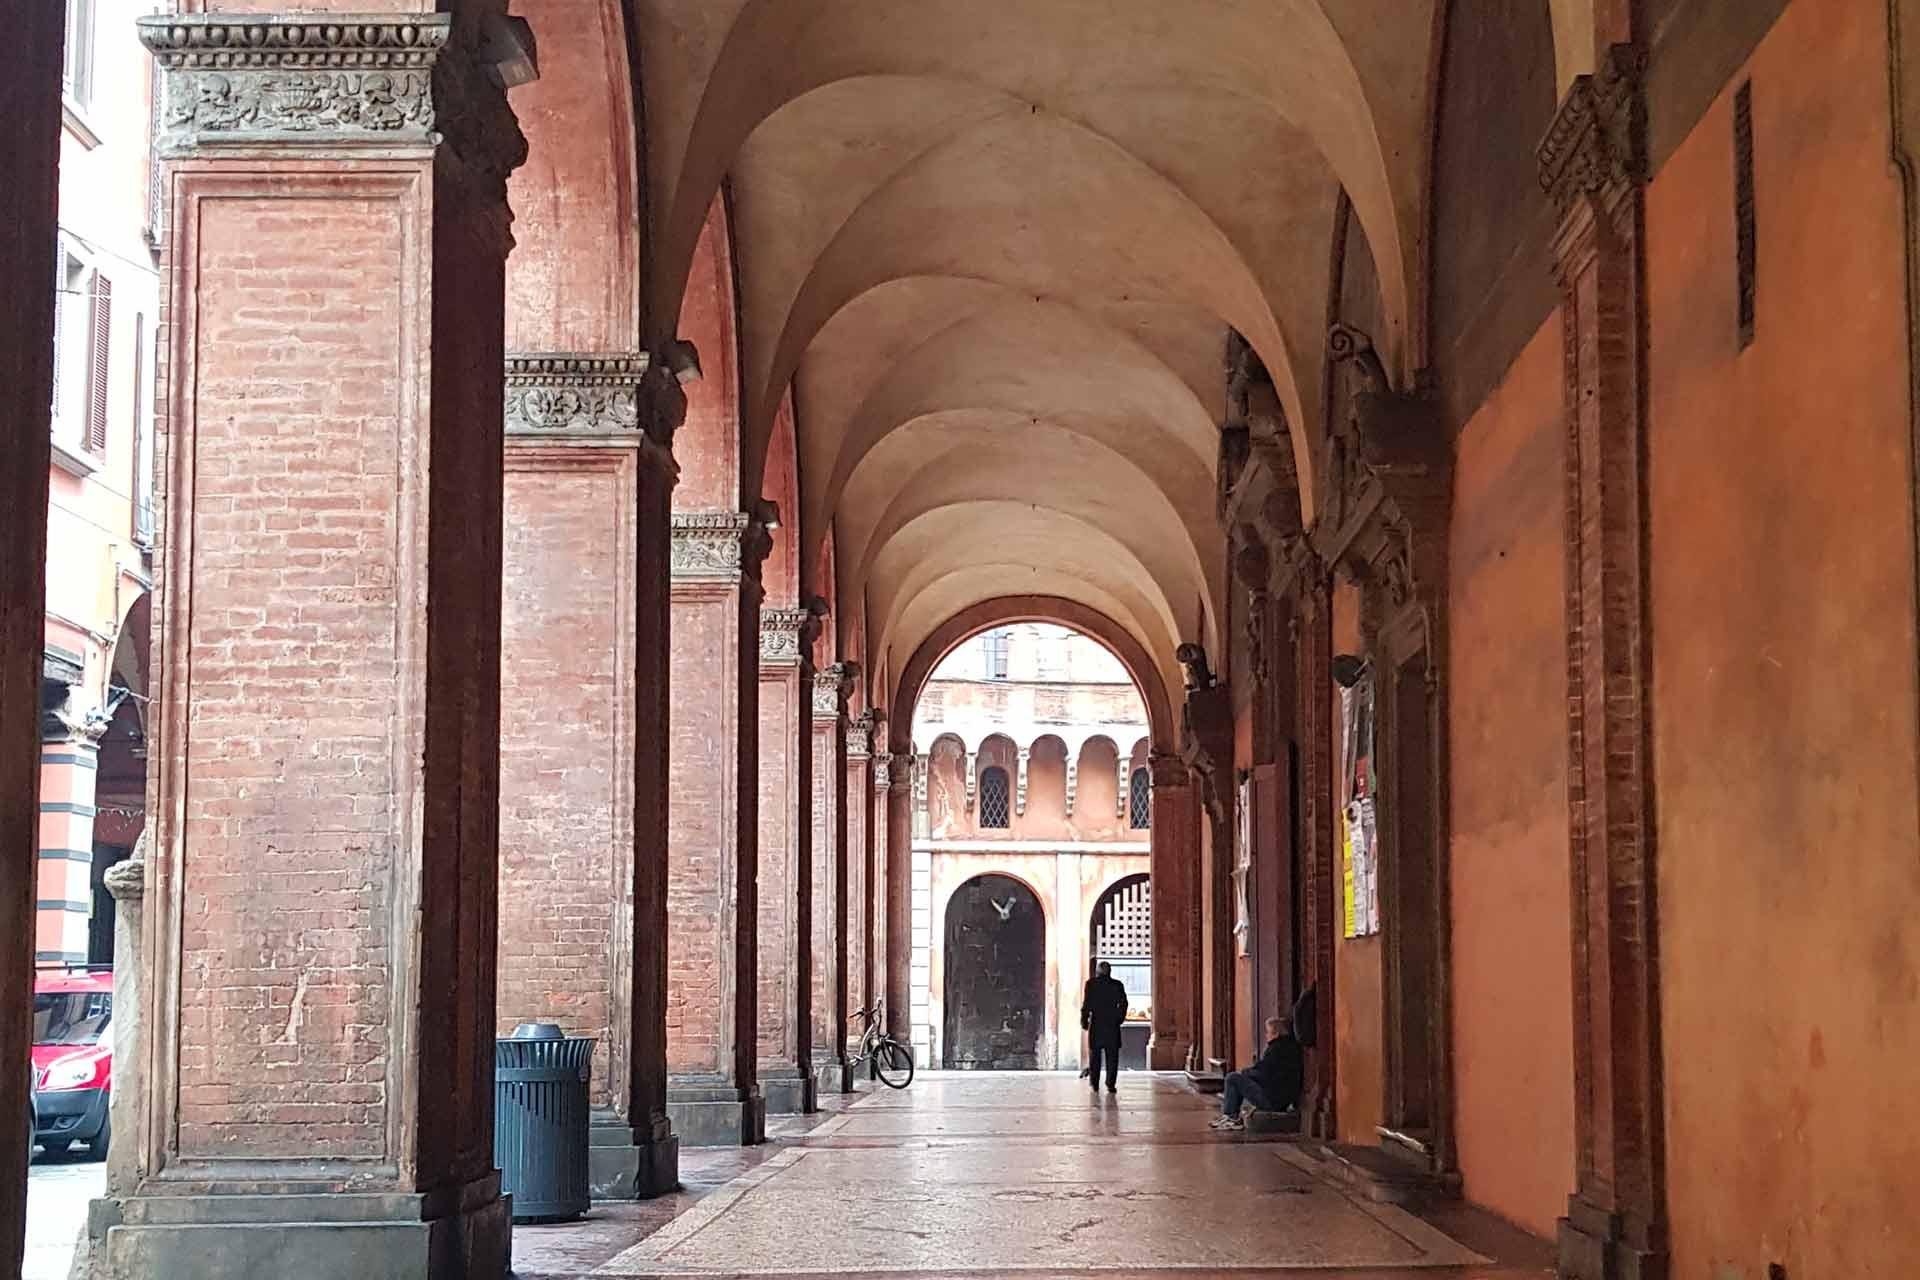 Taldeg Che Dormire A Bologna Diventa Tutta Un'altra Cosa…!